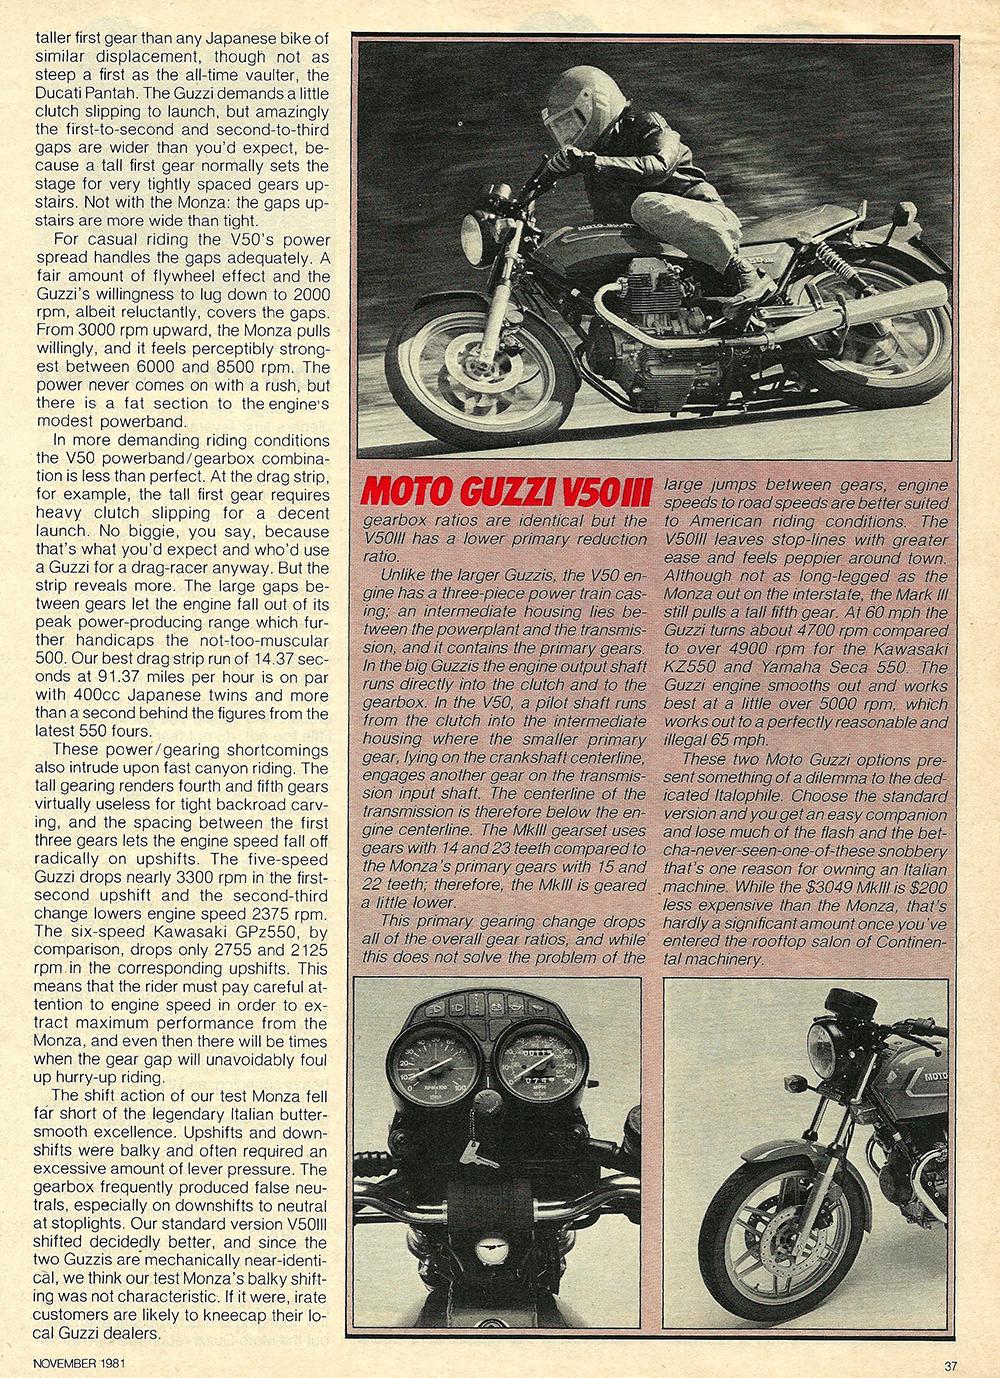 1981 Moto Guzzi V50 Monza road test 07.jpg